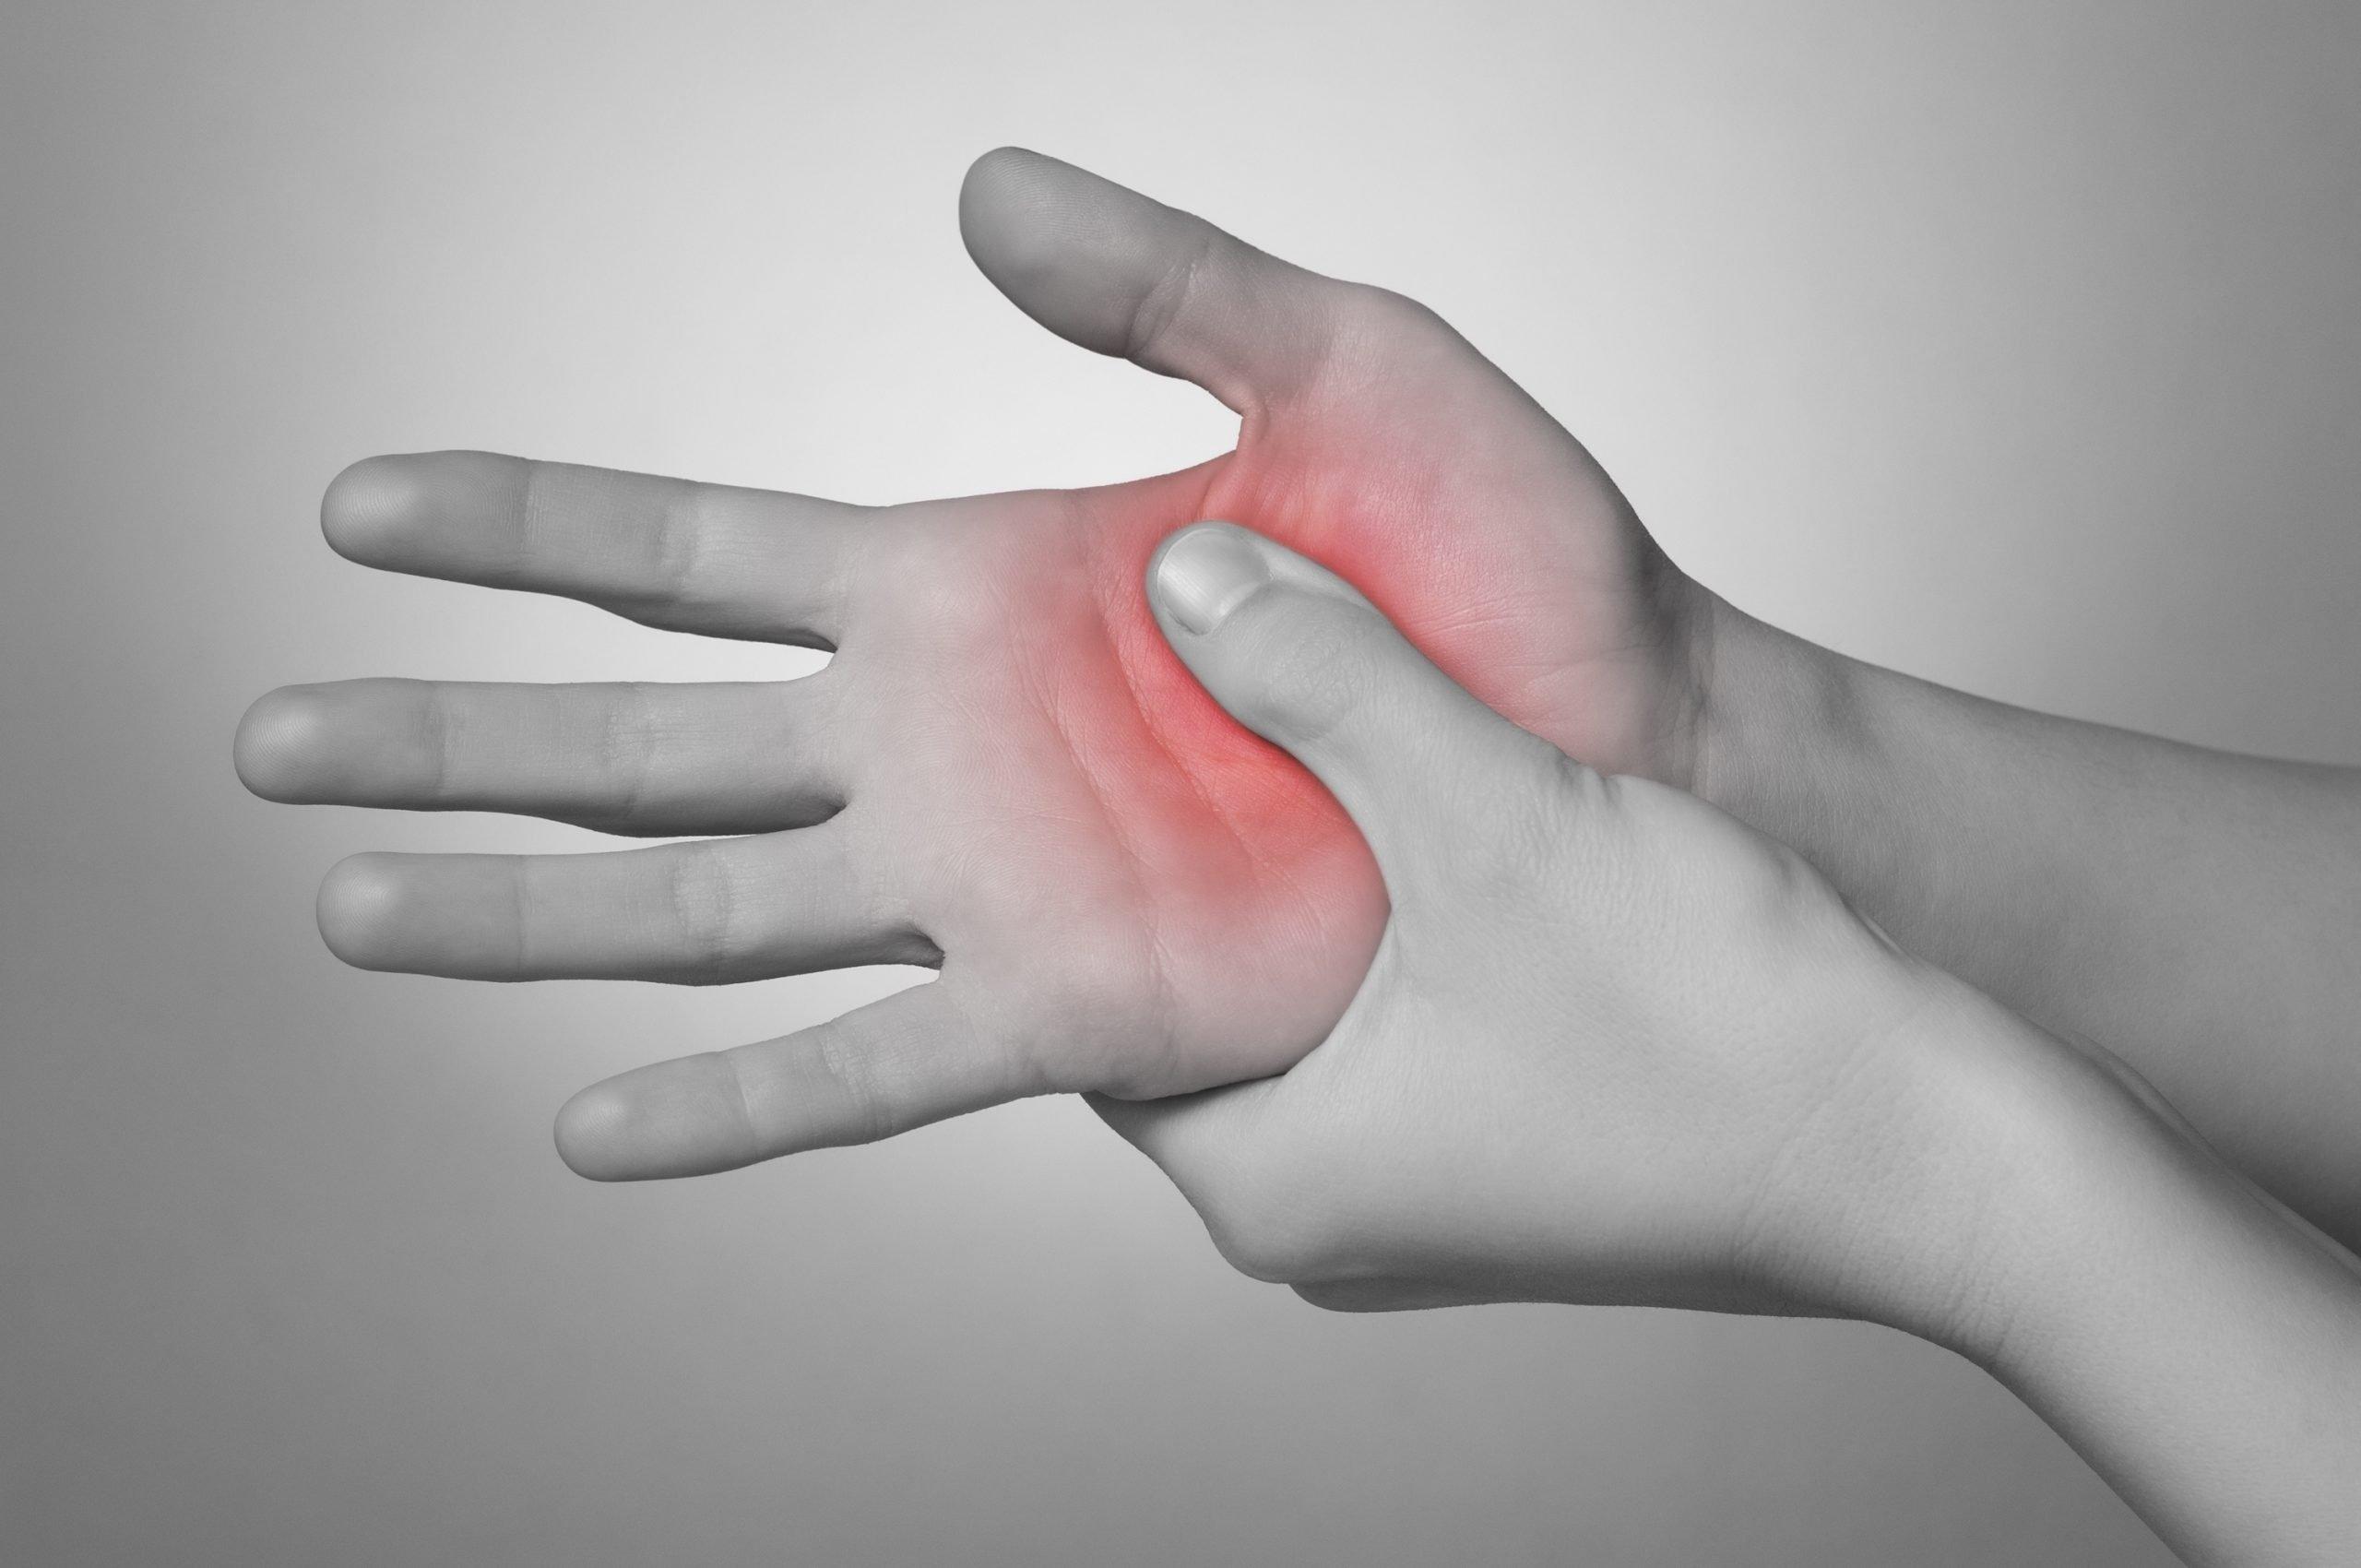 tratament pentru amorteala mainilor)